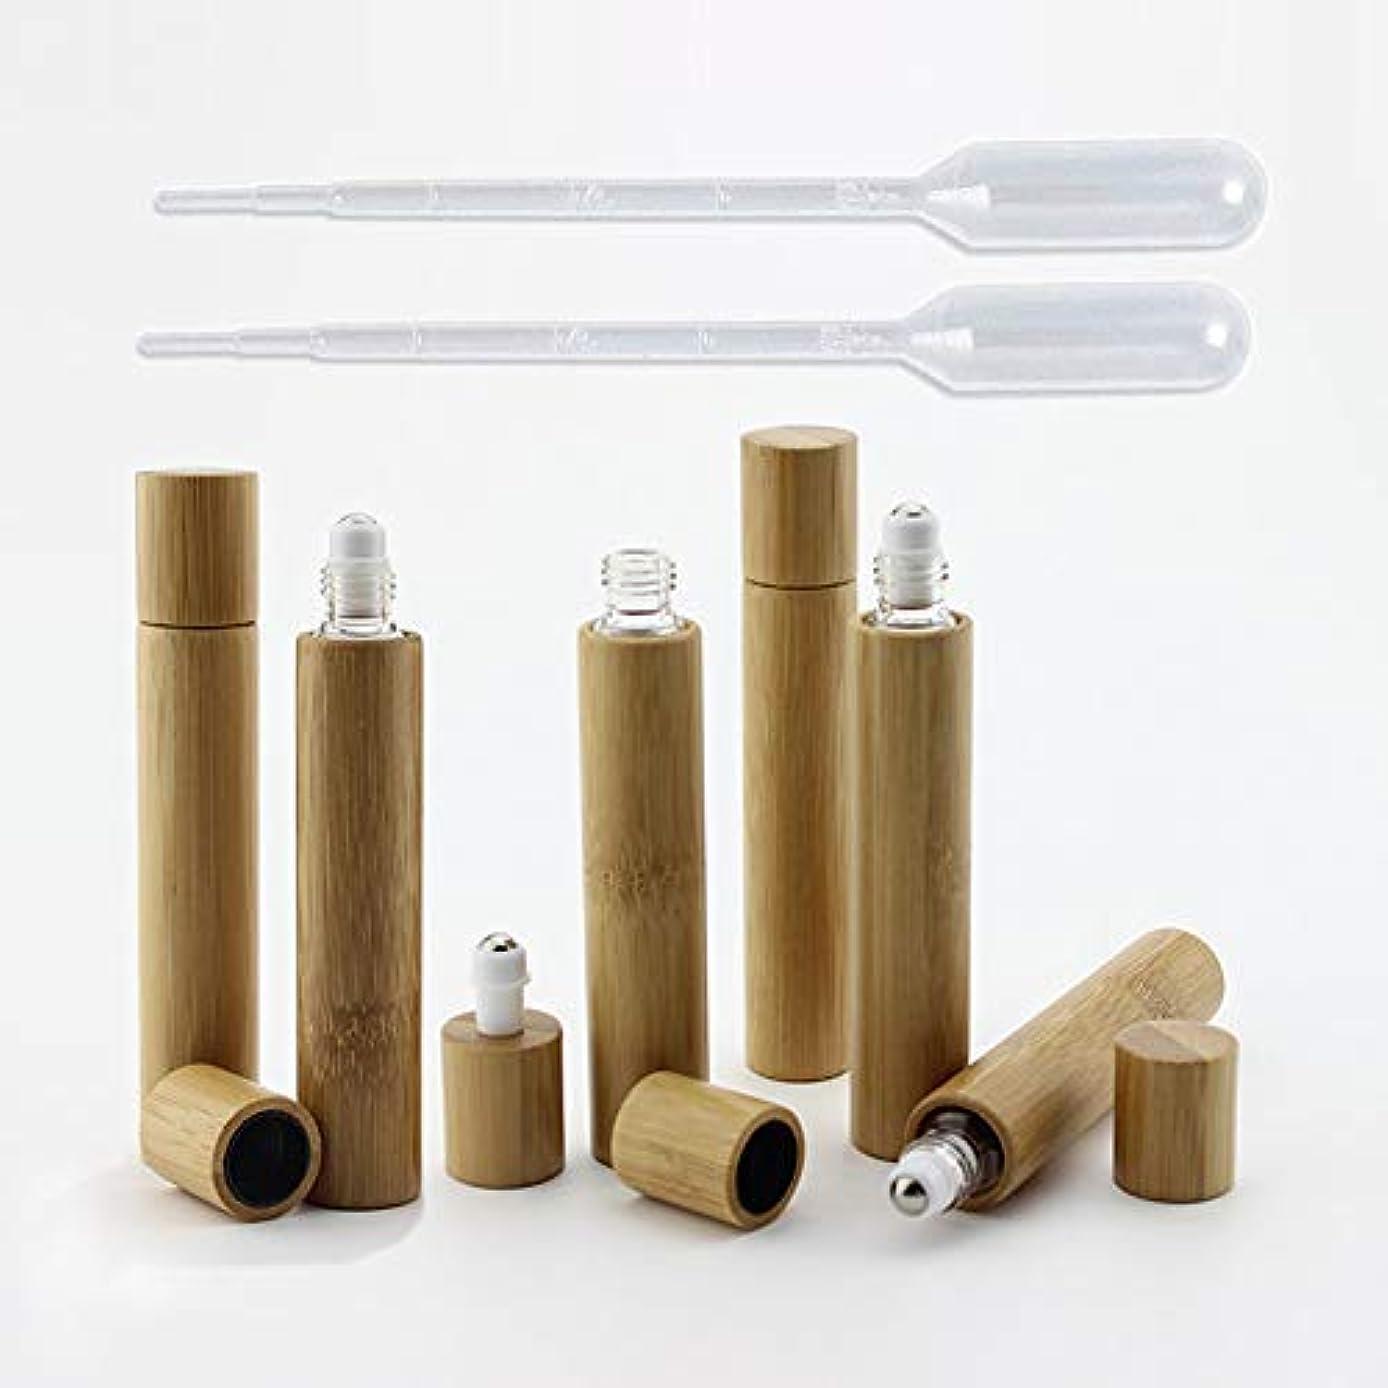 ぺディカブ田舎者肺6 Pieces Roll On Bottles 10ml Bamboo Shell Clear Glass Roller Bottles Empty Refillable Essential Oil Roller Bottles...